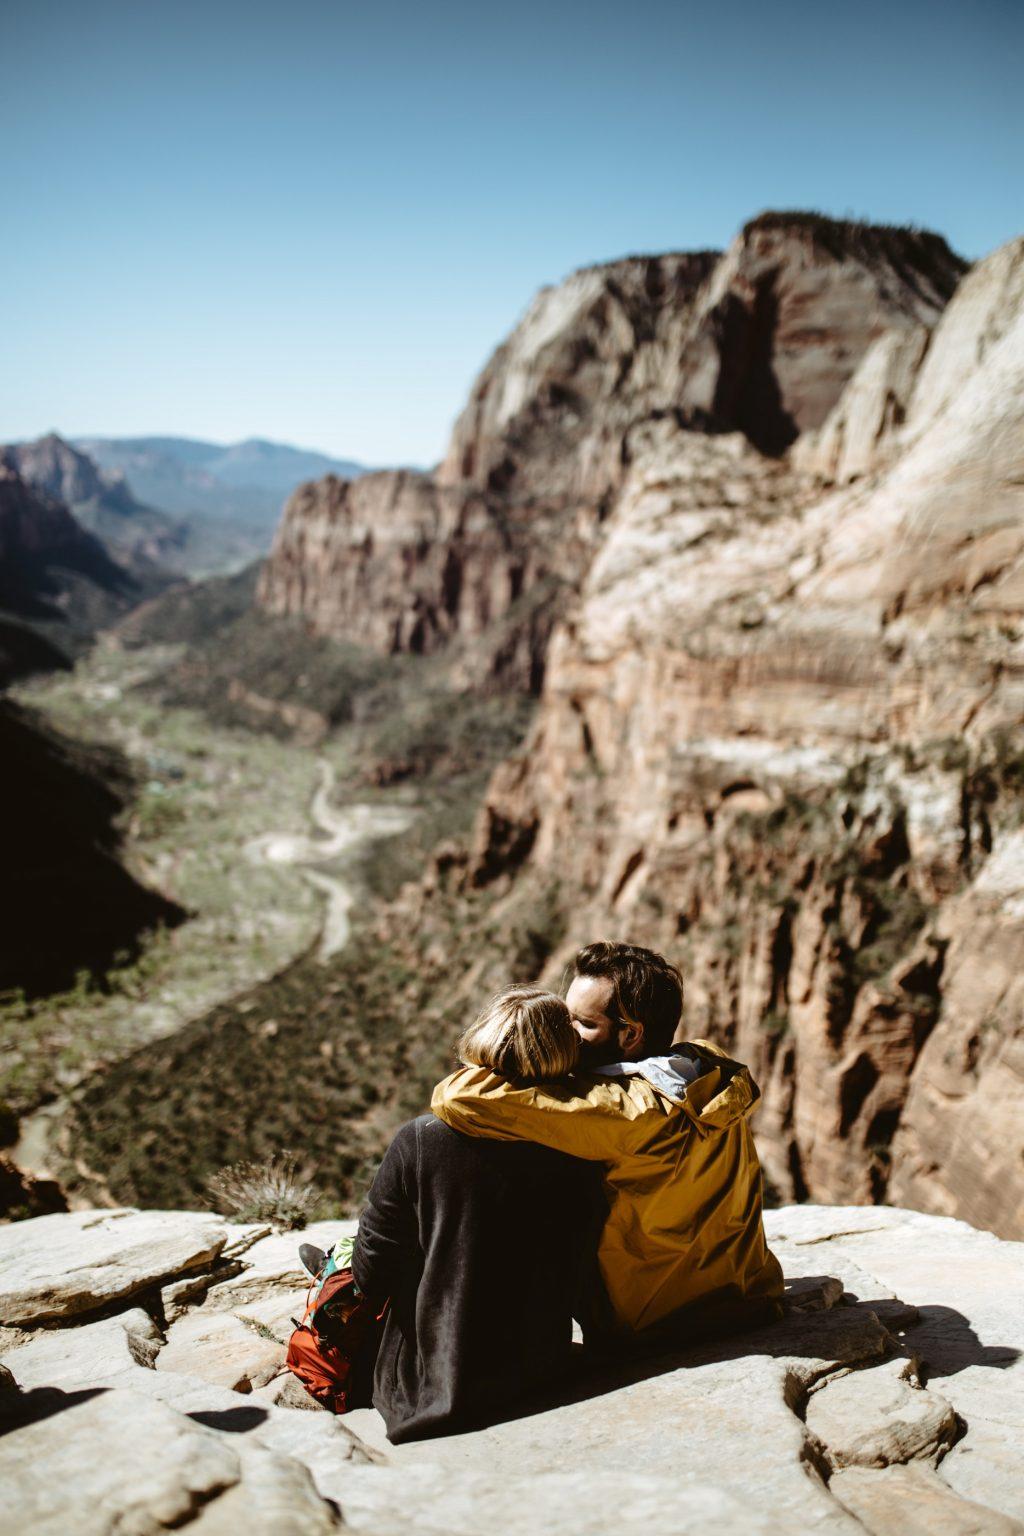 cặp đôi ngồi trên núi